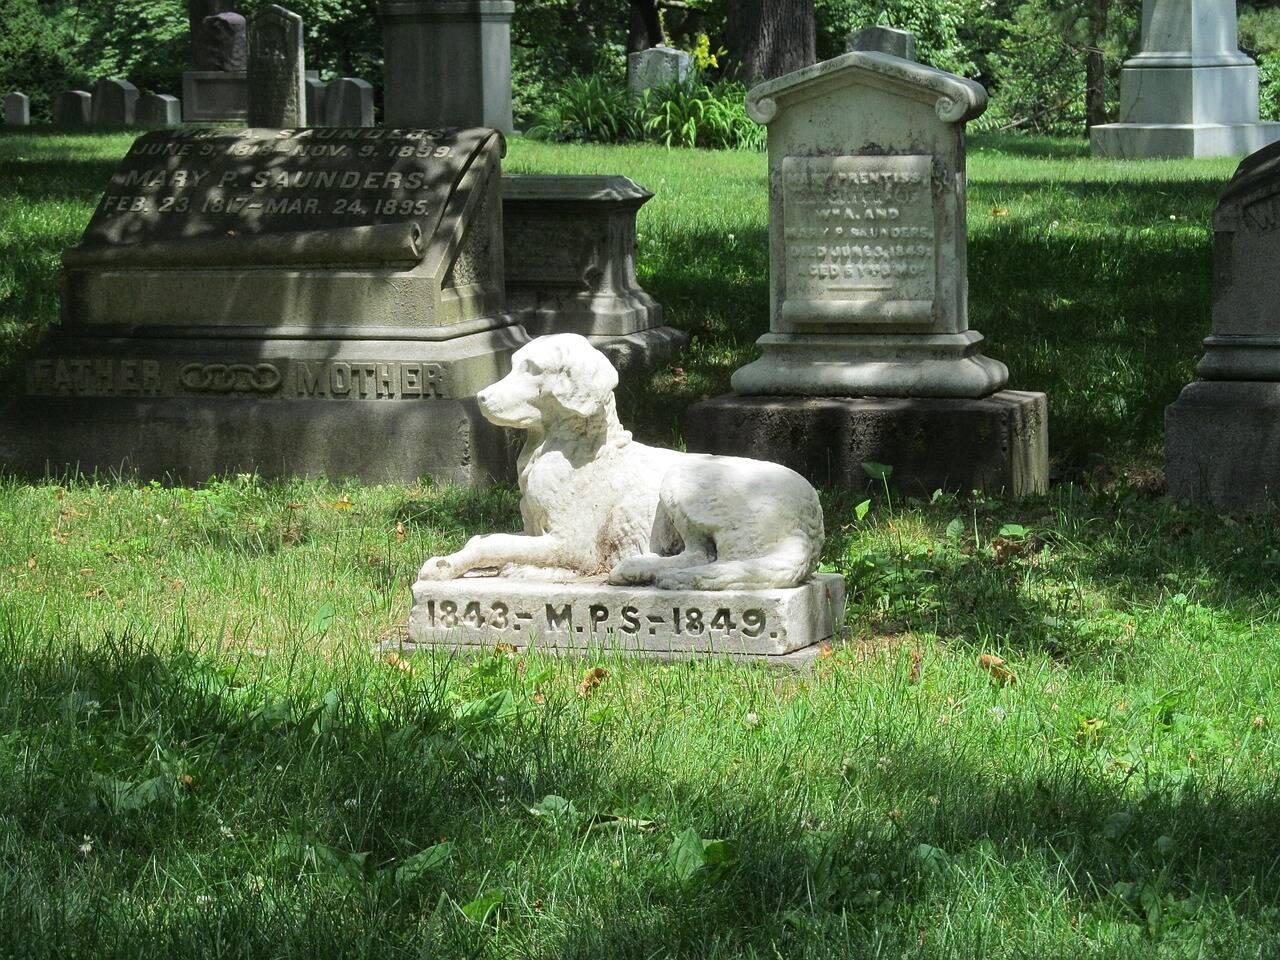 Humanos acreditam que cães vão para o céu há muito tempo, demonstram arqueólogos